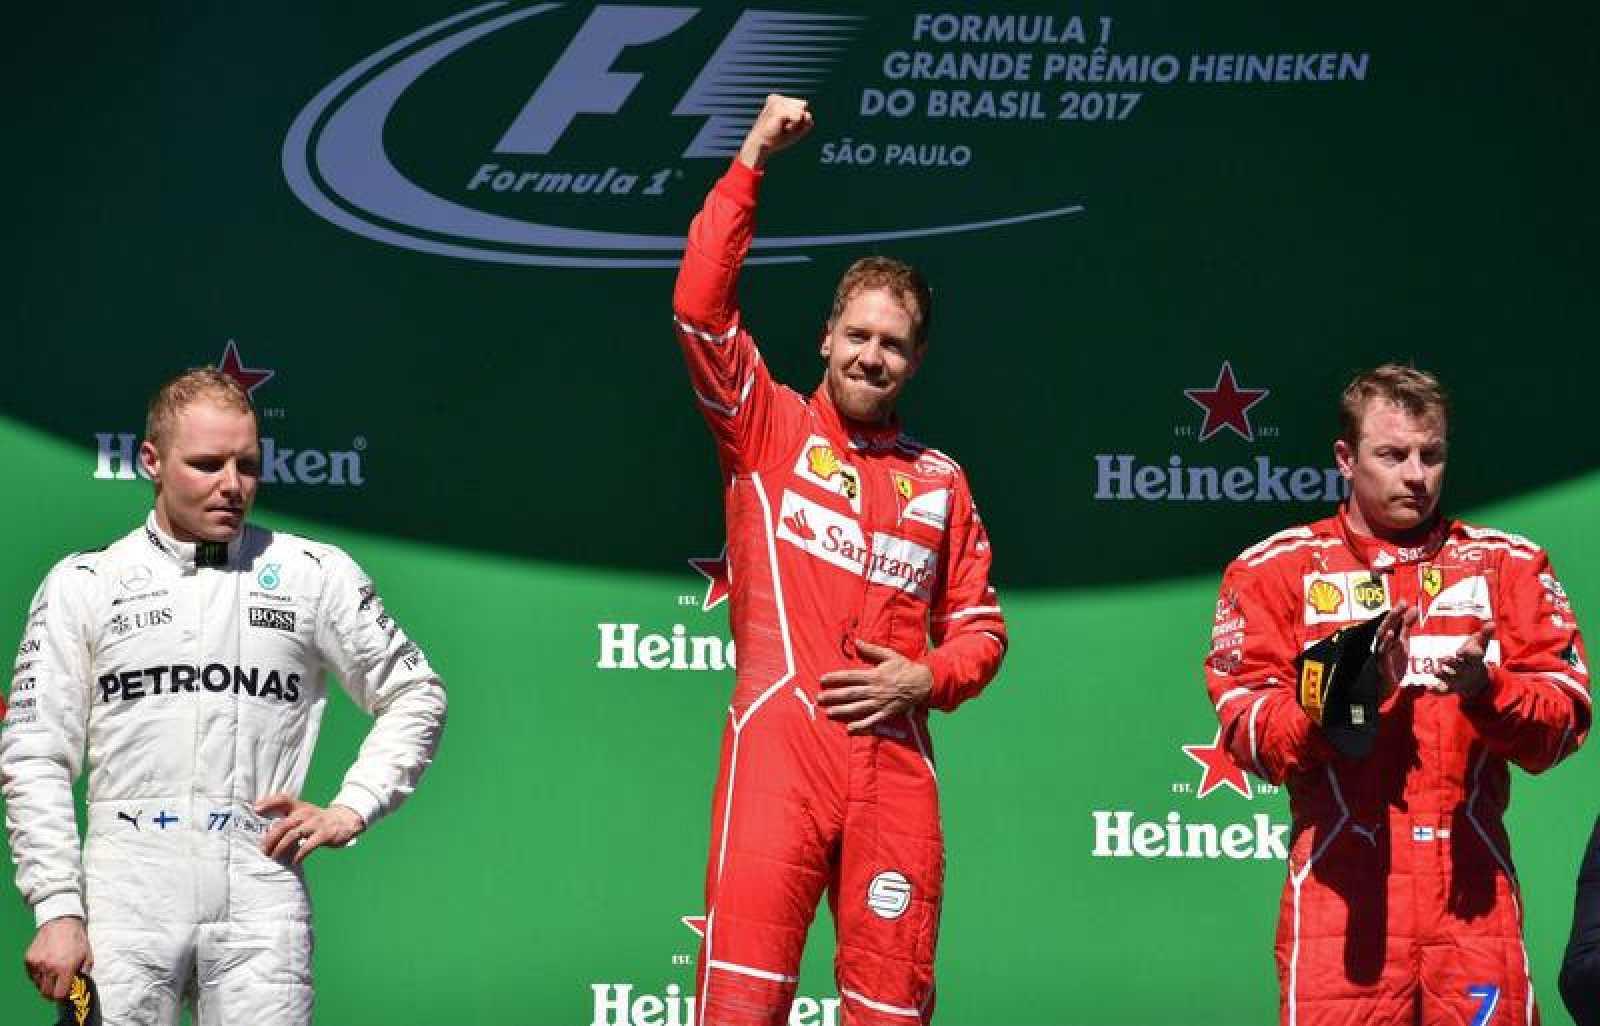 El alemán de Ferrari, Sebastian Vettel, celebra su victoria en Brasil en lo más alto del podio.